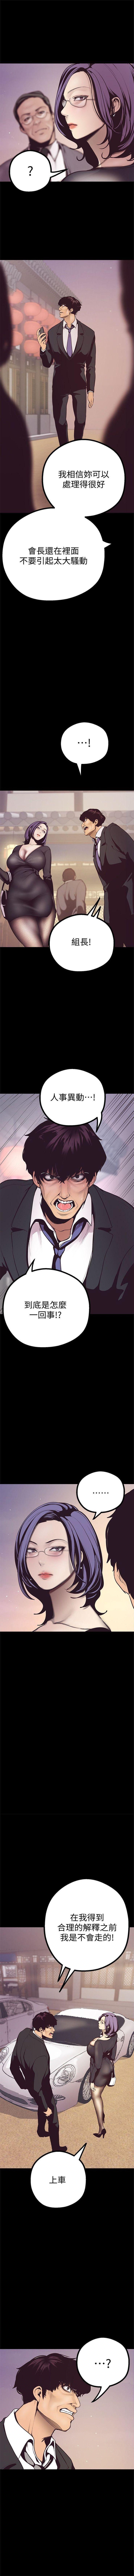 美麗新世界 1-85 官方中文(連載中) 54